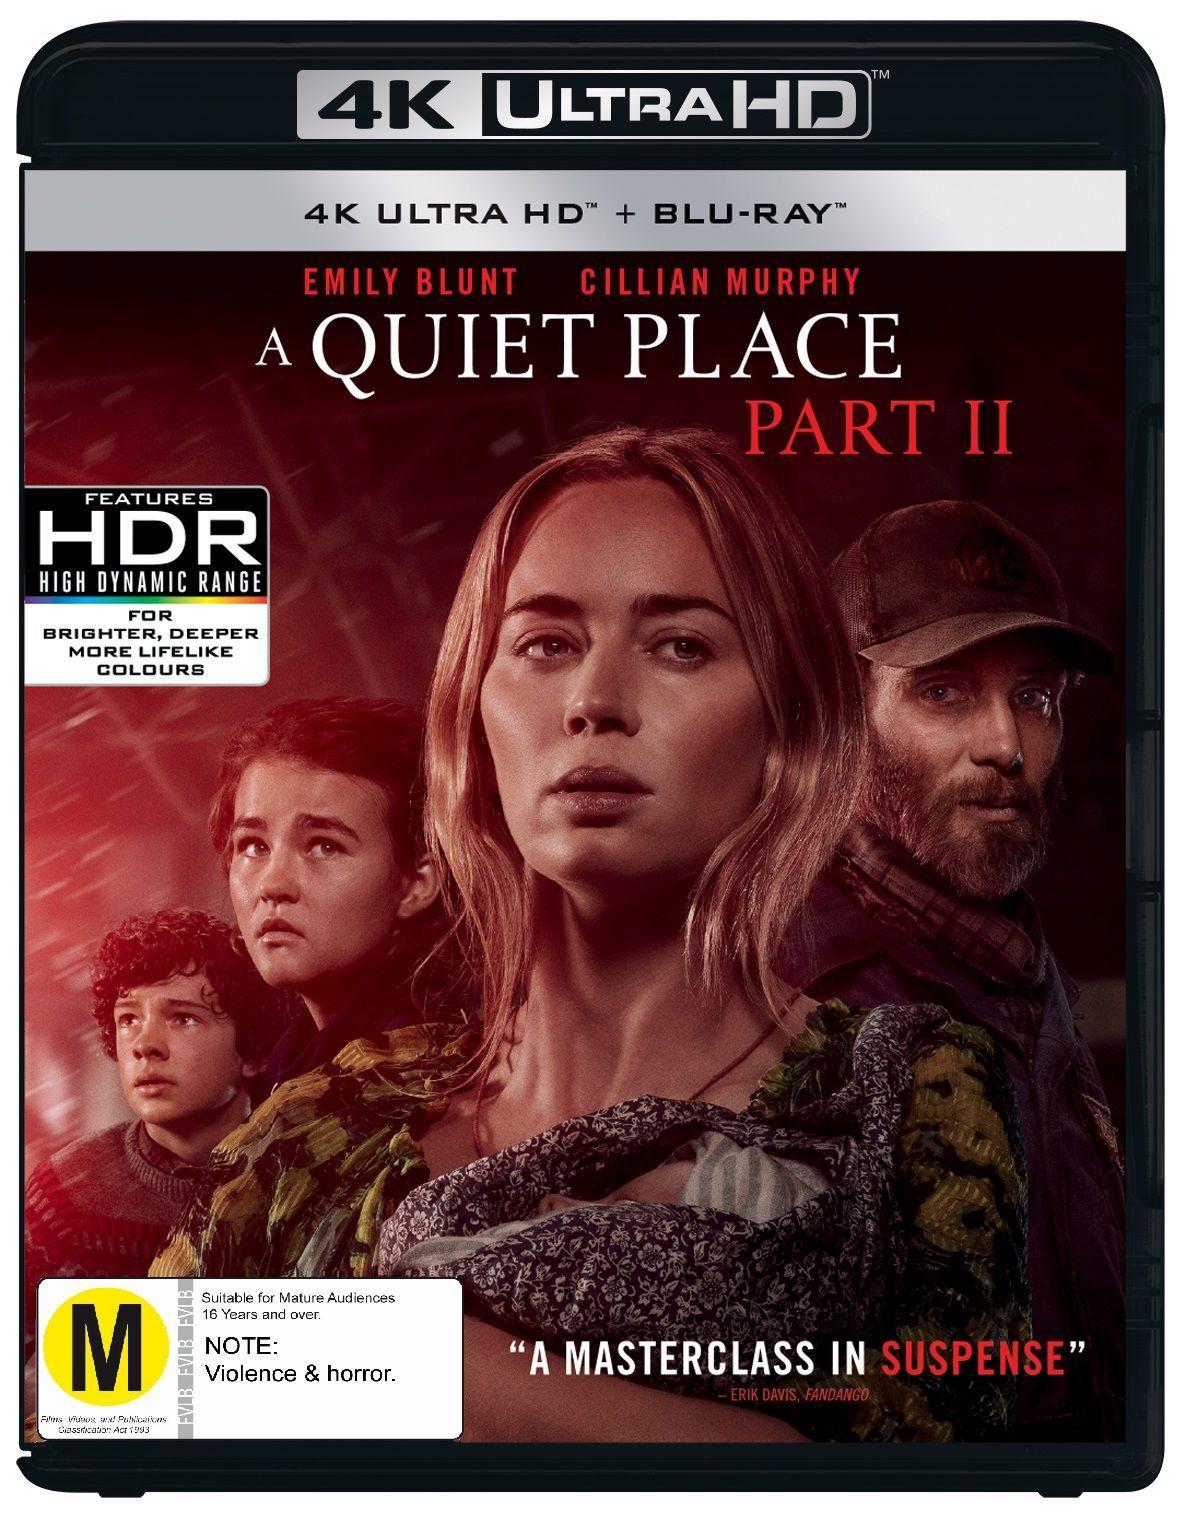 A Quiet Place Part II (4K UHD) image